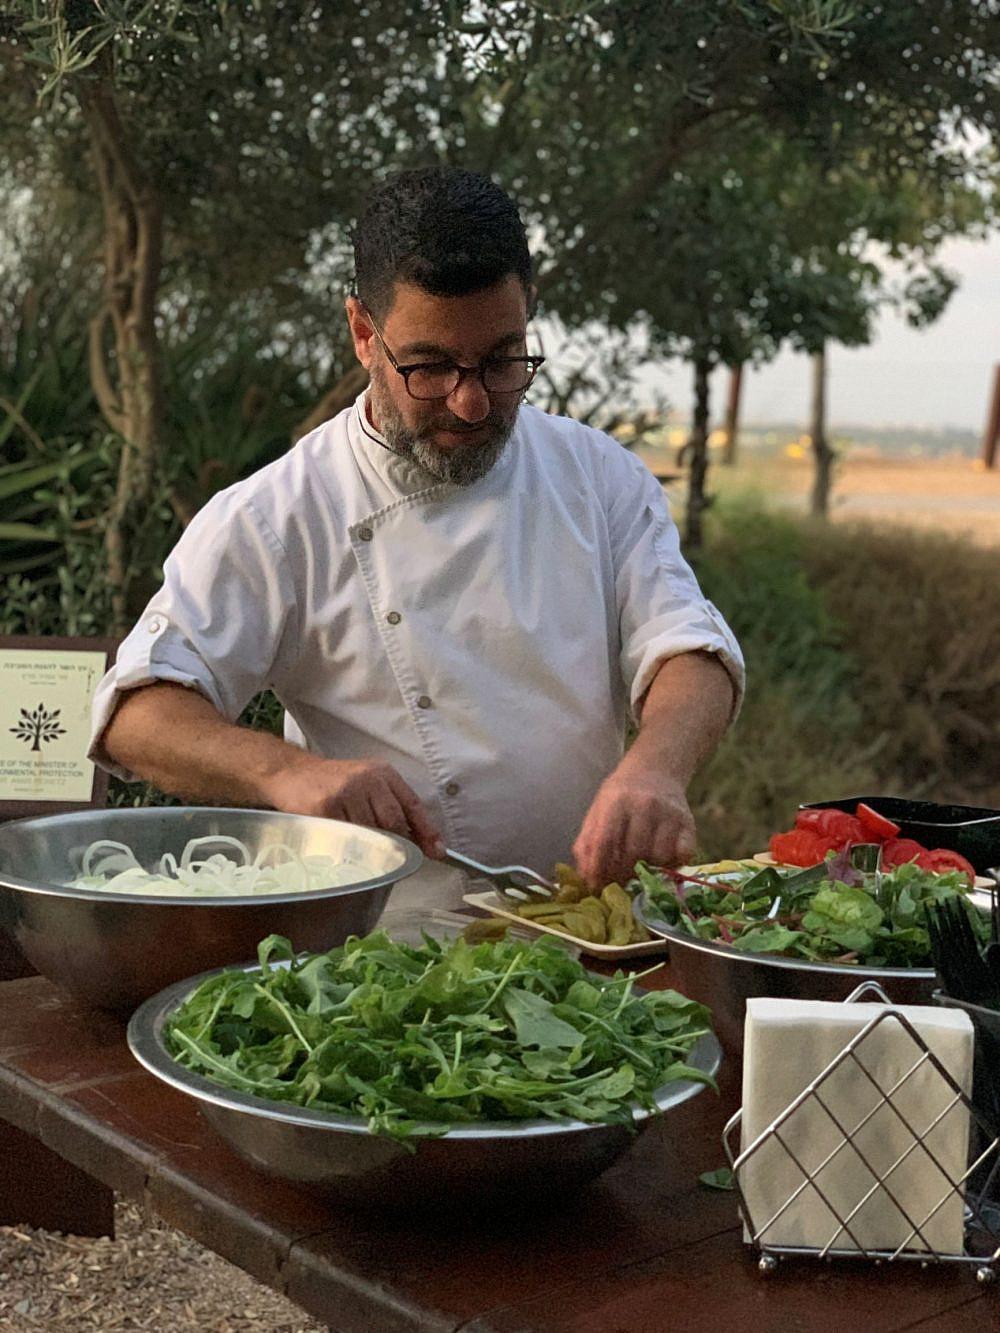 שף תומר אגאי (צילום: יולי איז'ק – מחשבות שהיולי)